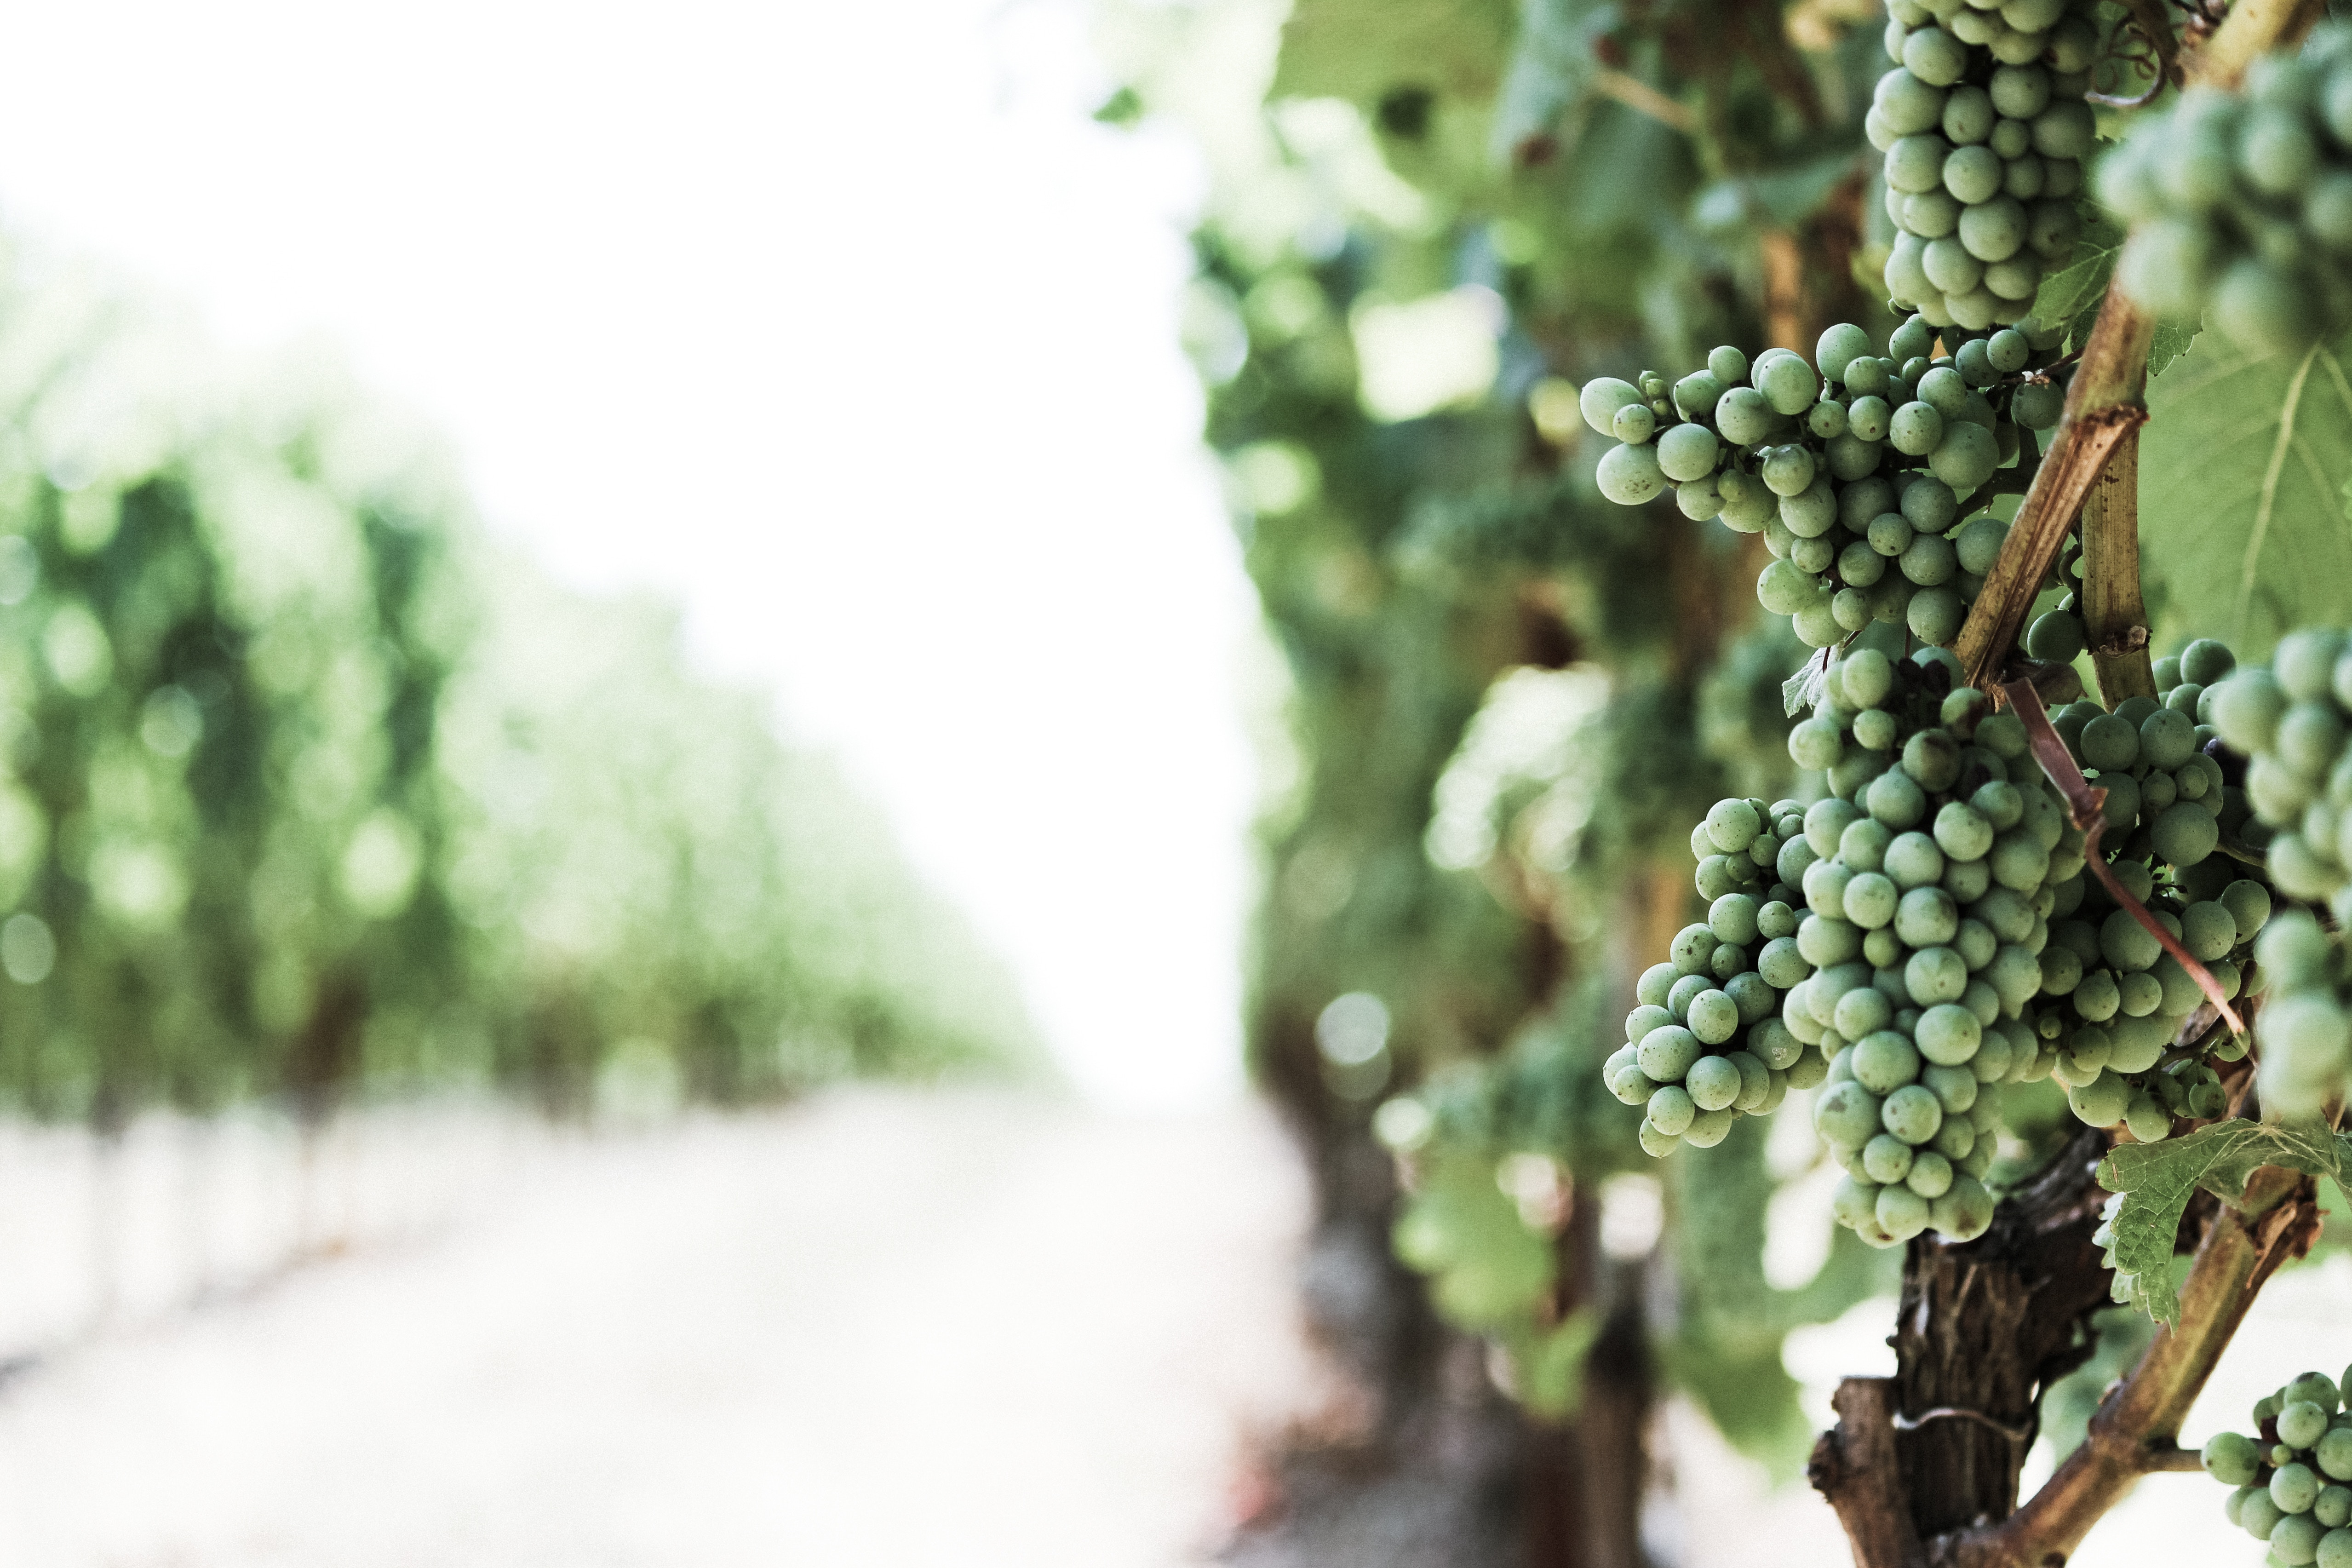 Den grønne vin fra Portugal